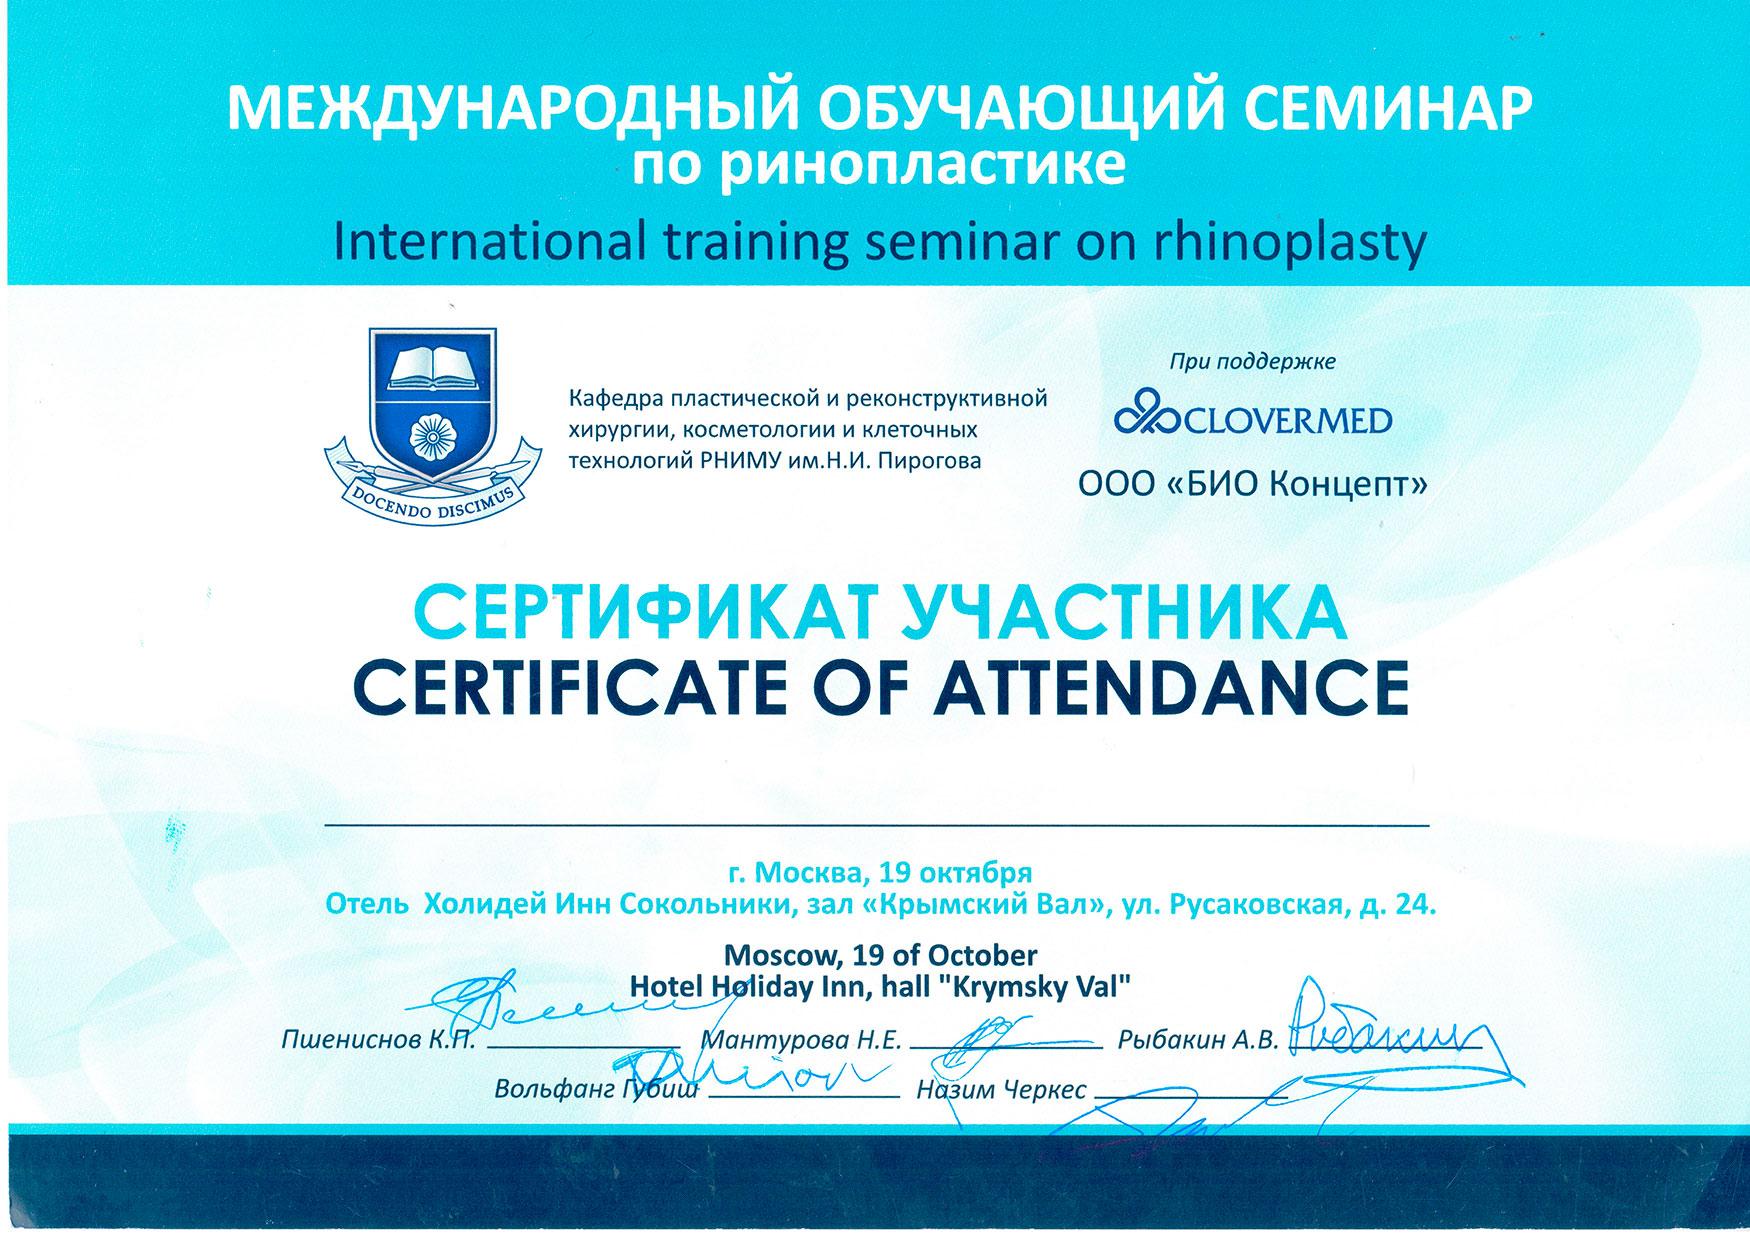 Международный обучающий семинар по ринопластике